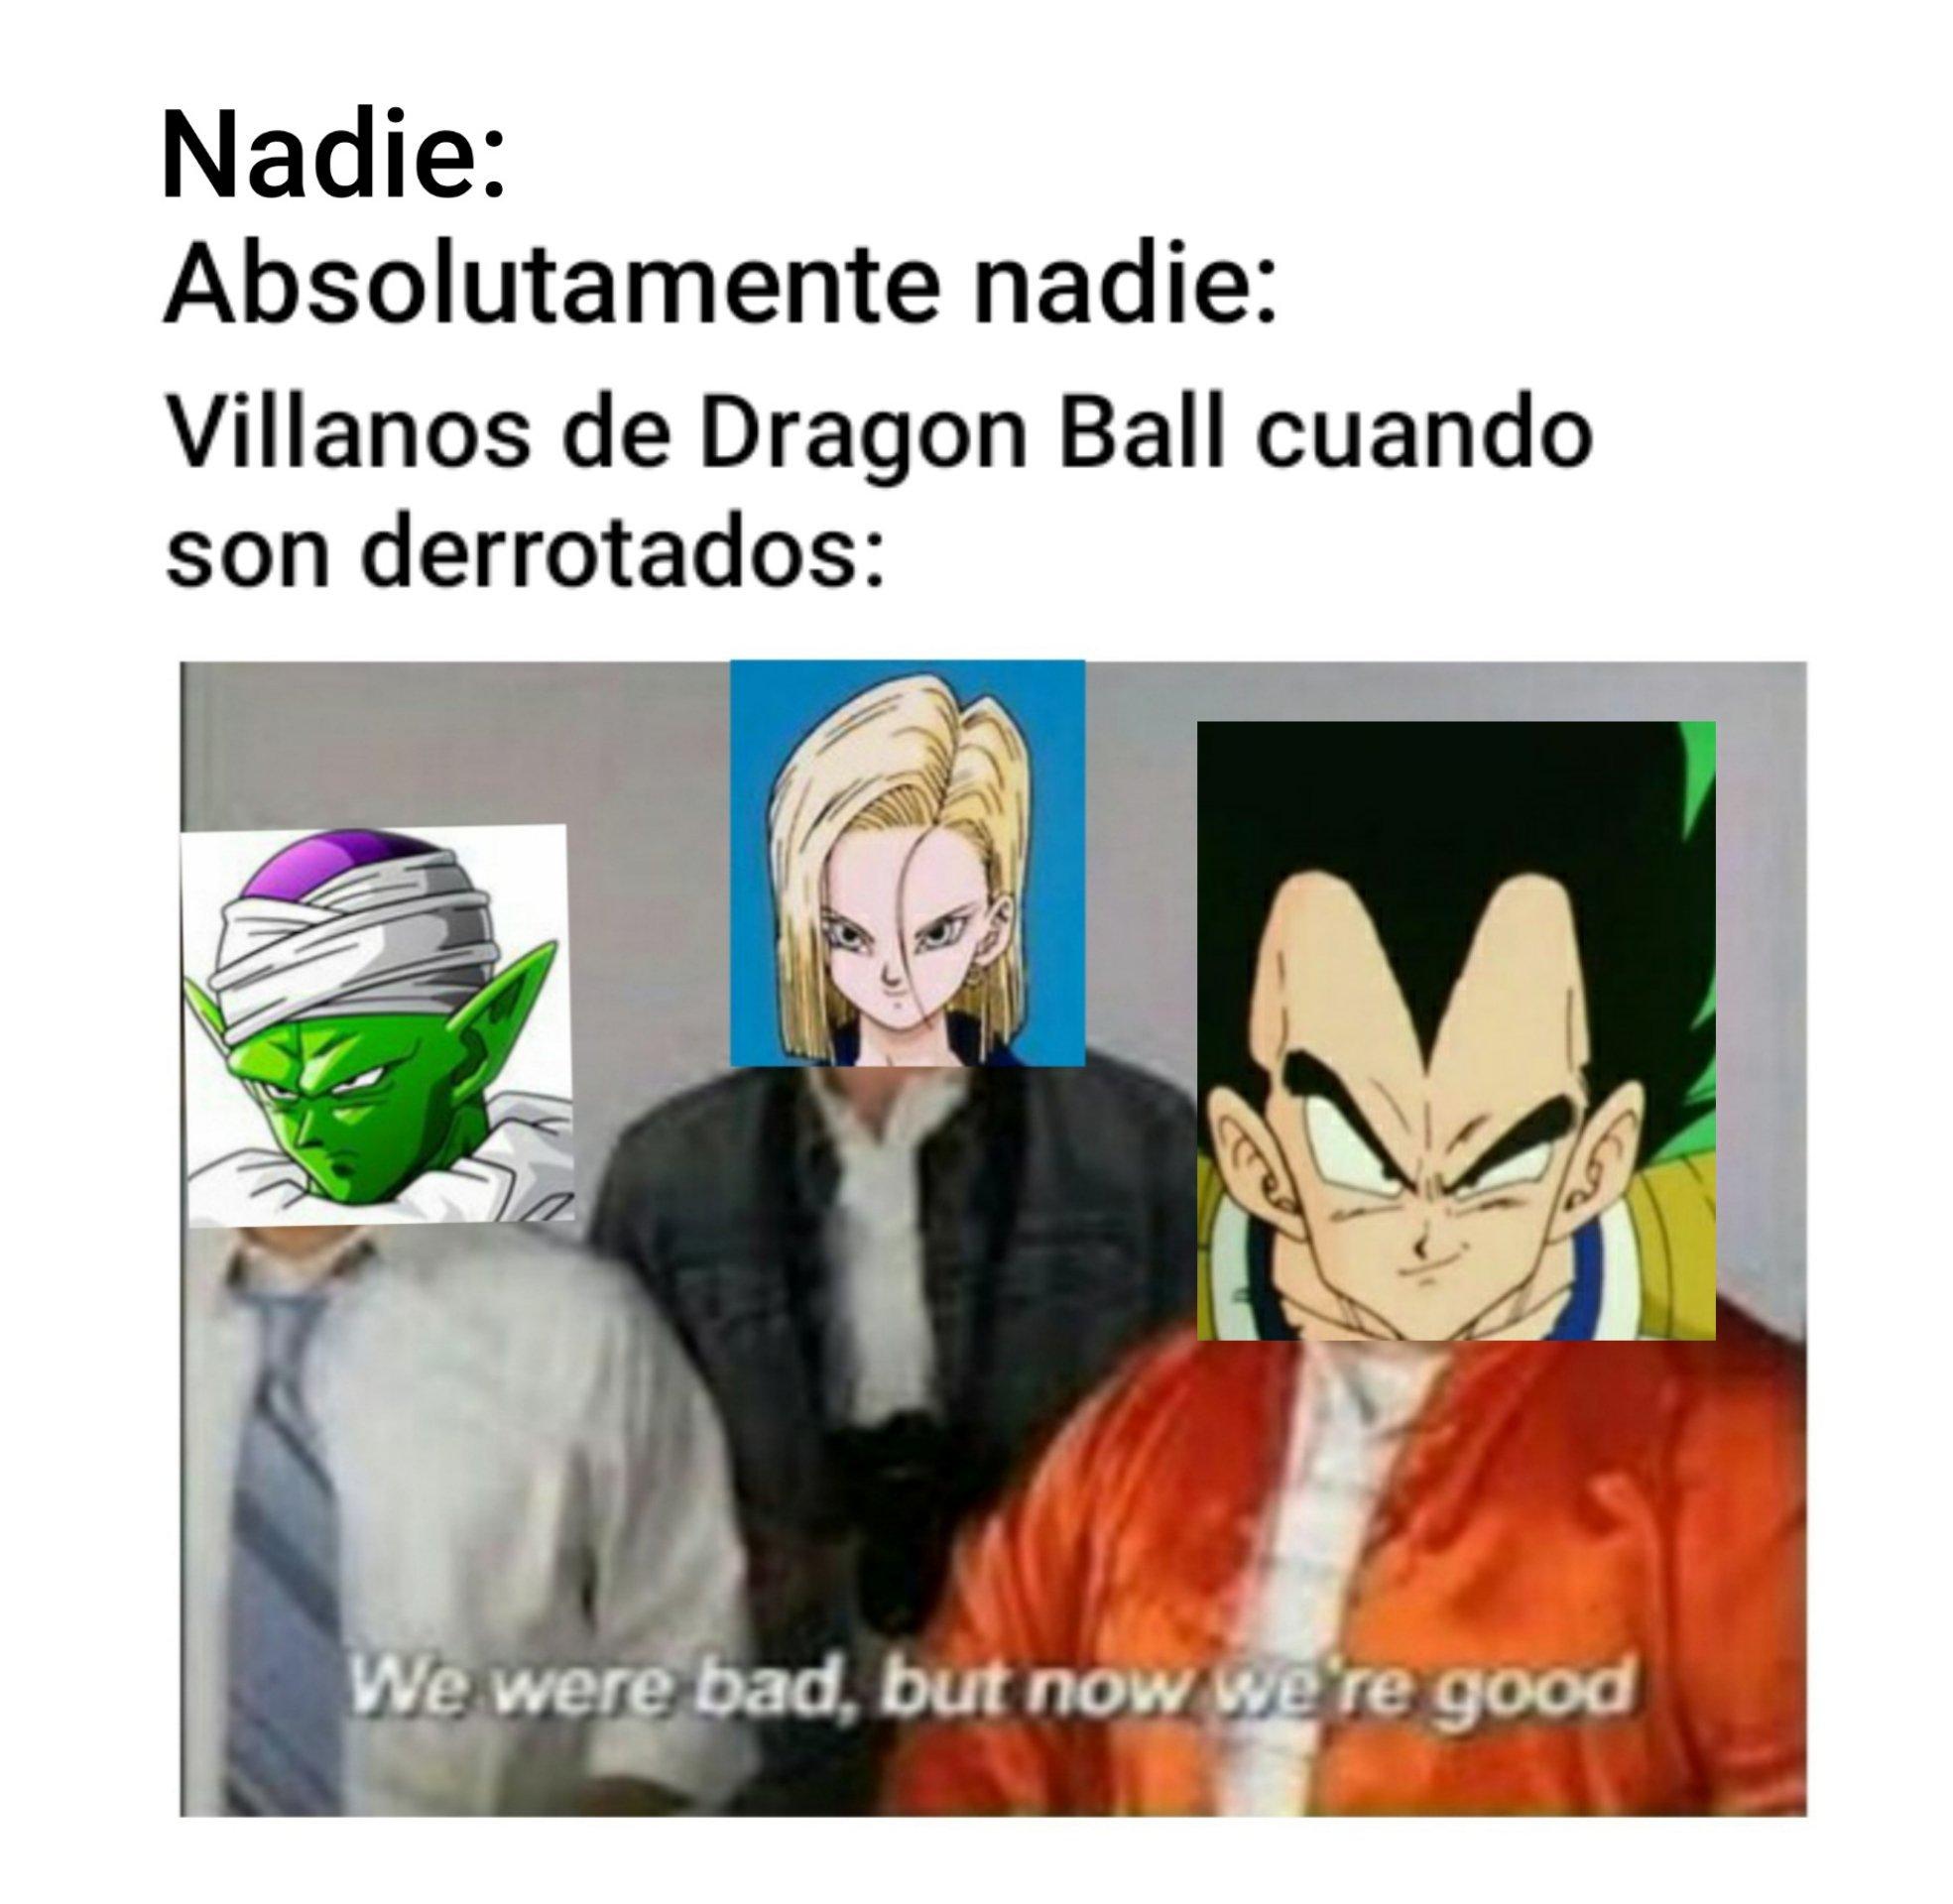 El título está volviéndose bueno - meme